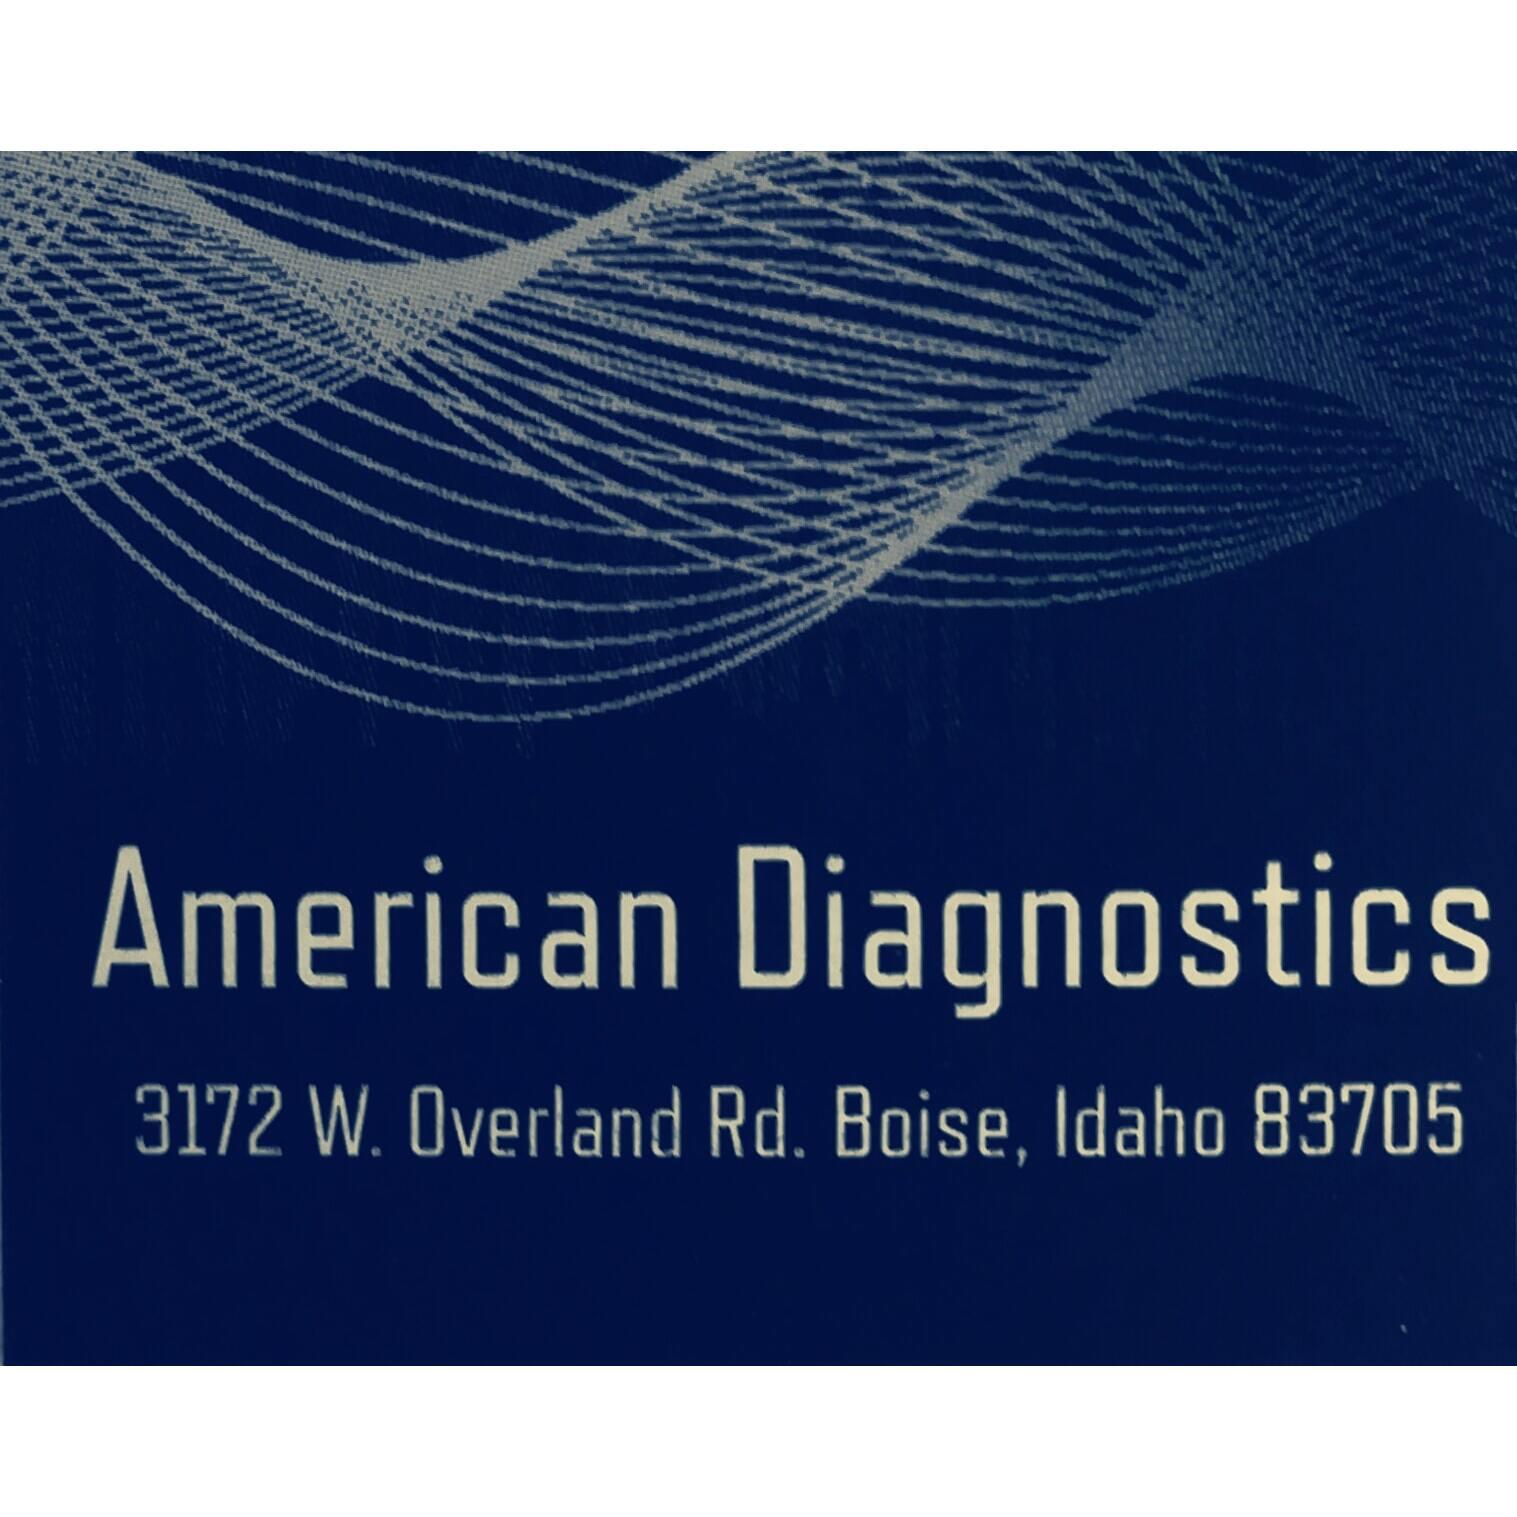 American Diagnostics